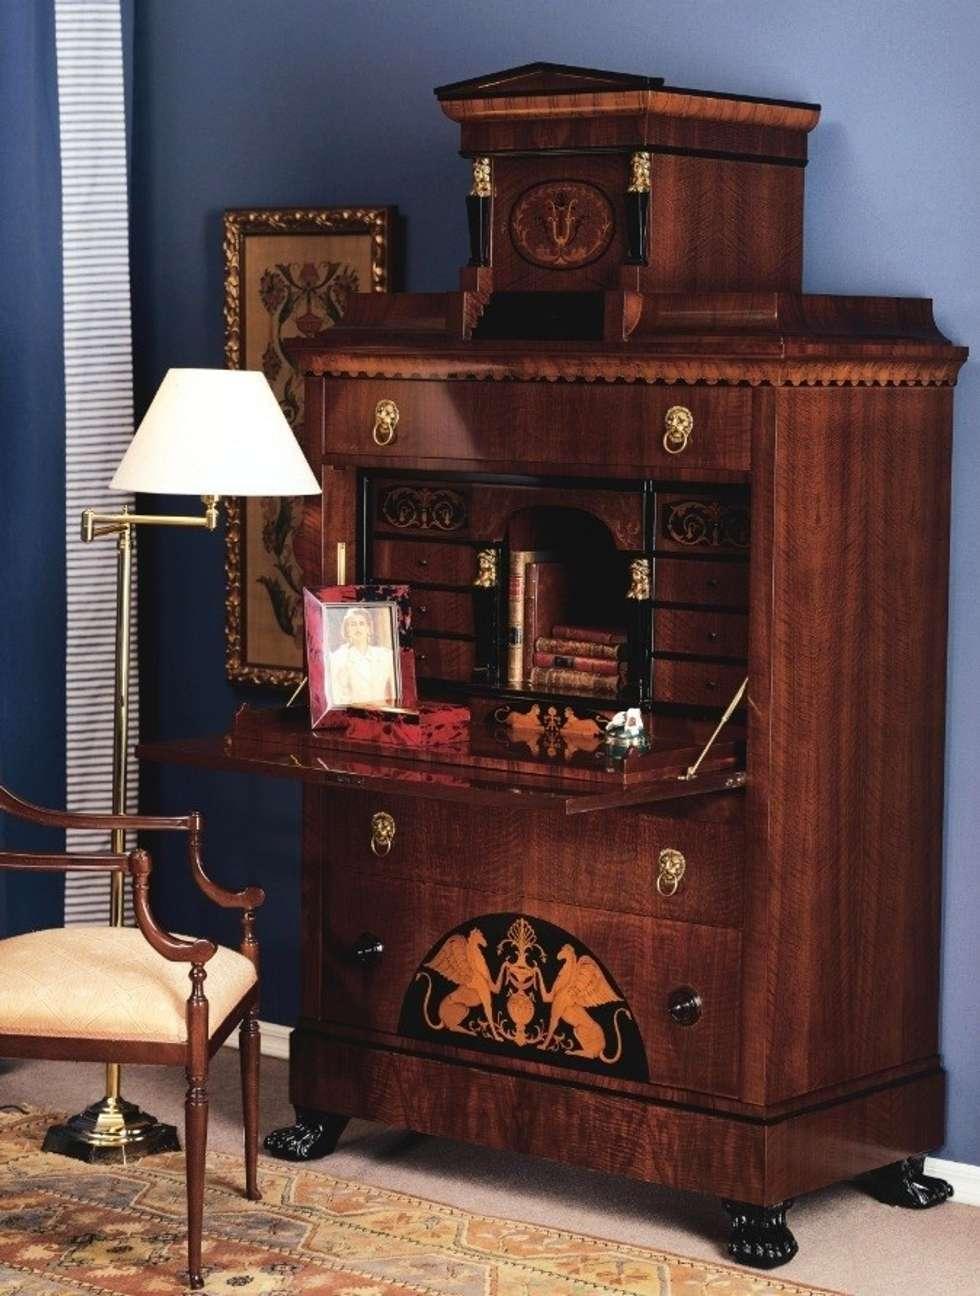 Fotos de decoraci n y dise o de interiores homify - Mueble secreter ...